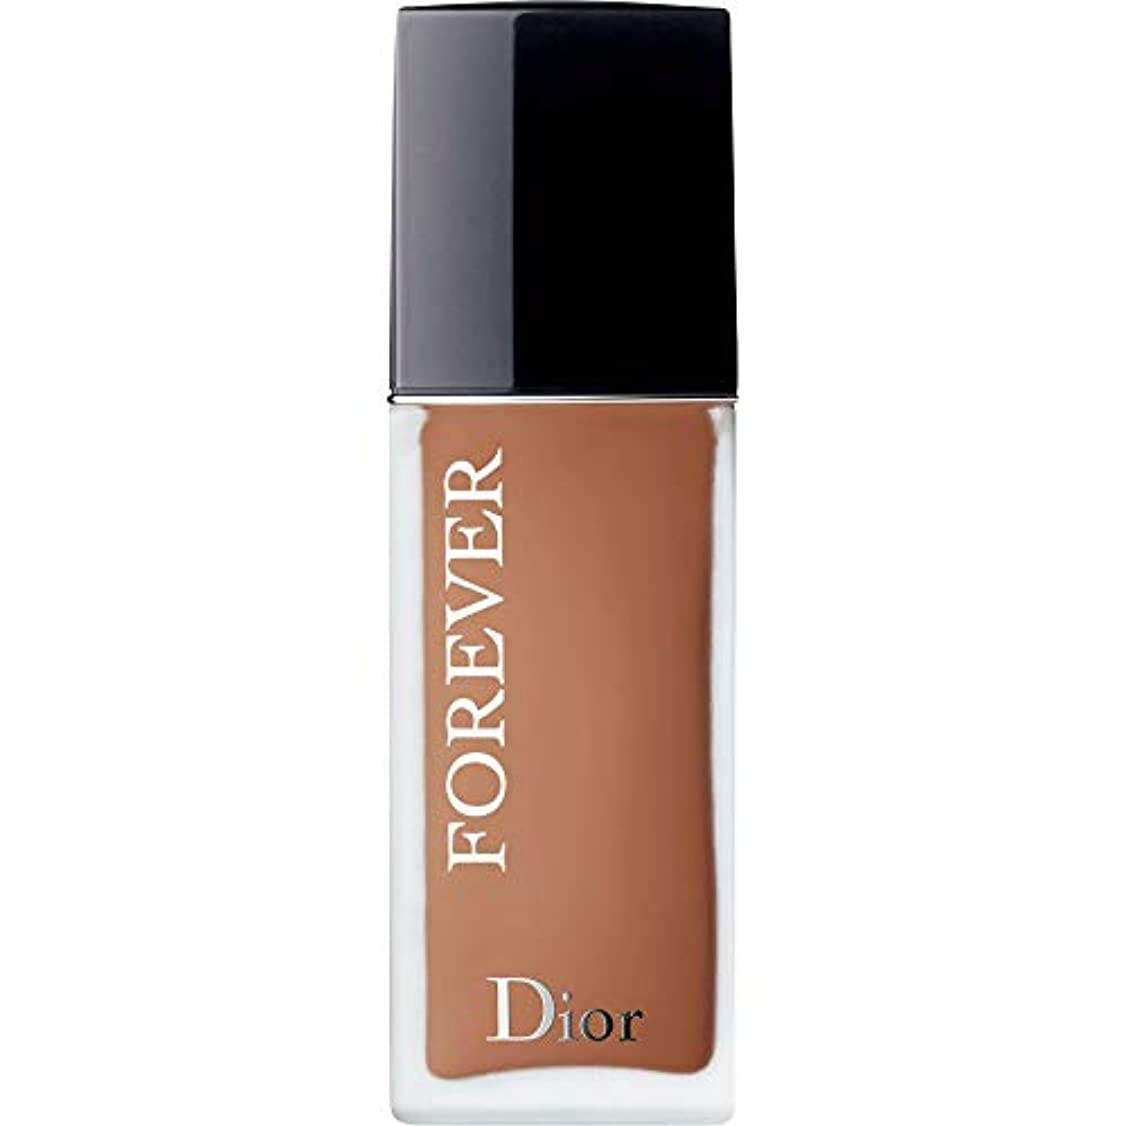 湿ったペンフレンド縁石[Dior ] ディオール永遠皮膚思いやりの基盤Spf35 30ミリリットルの5N - ニュートラル(つや消し) - DIOR Forever Skin-Caring Foundation SPF35 30ml 5N - Neutral (Matte) [並行輸入品]